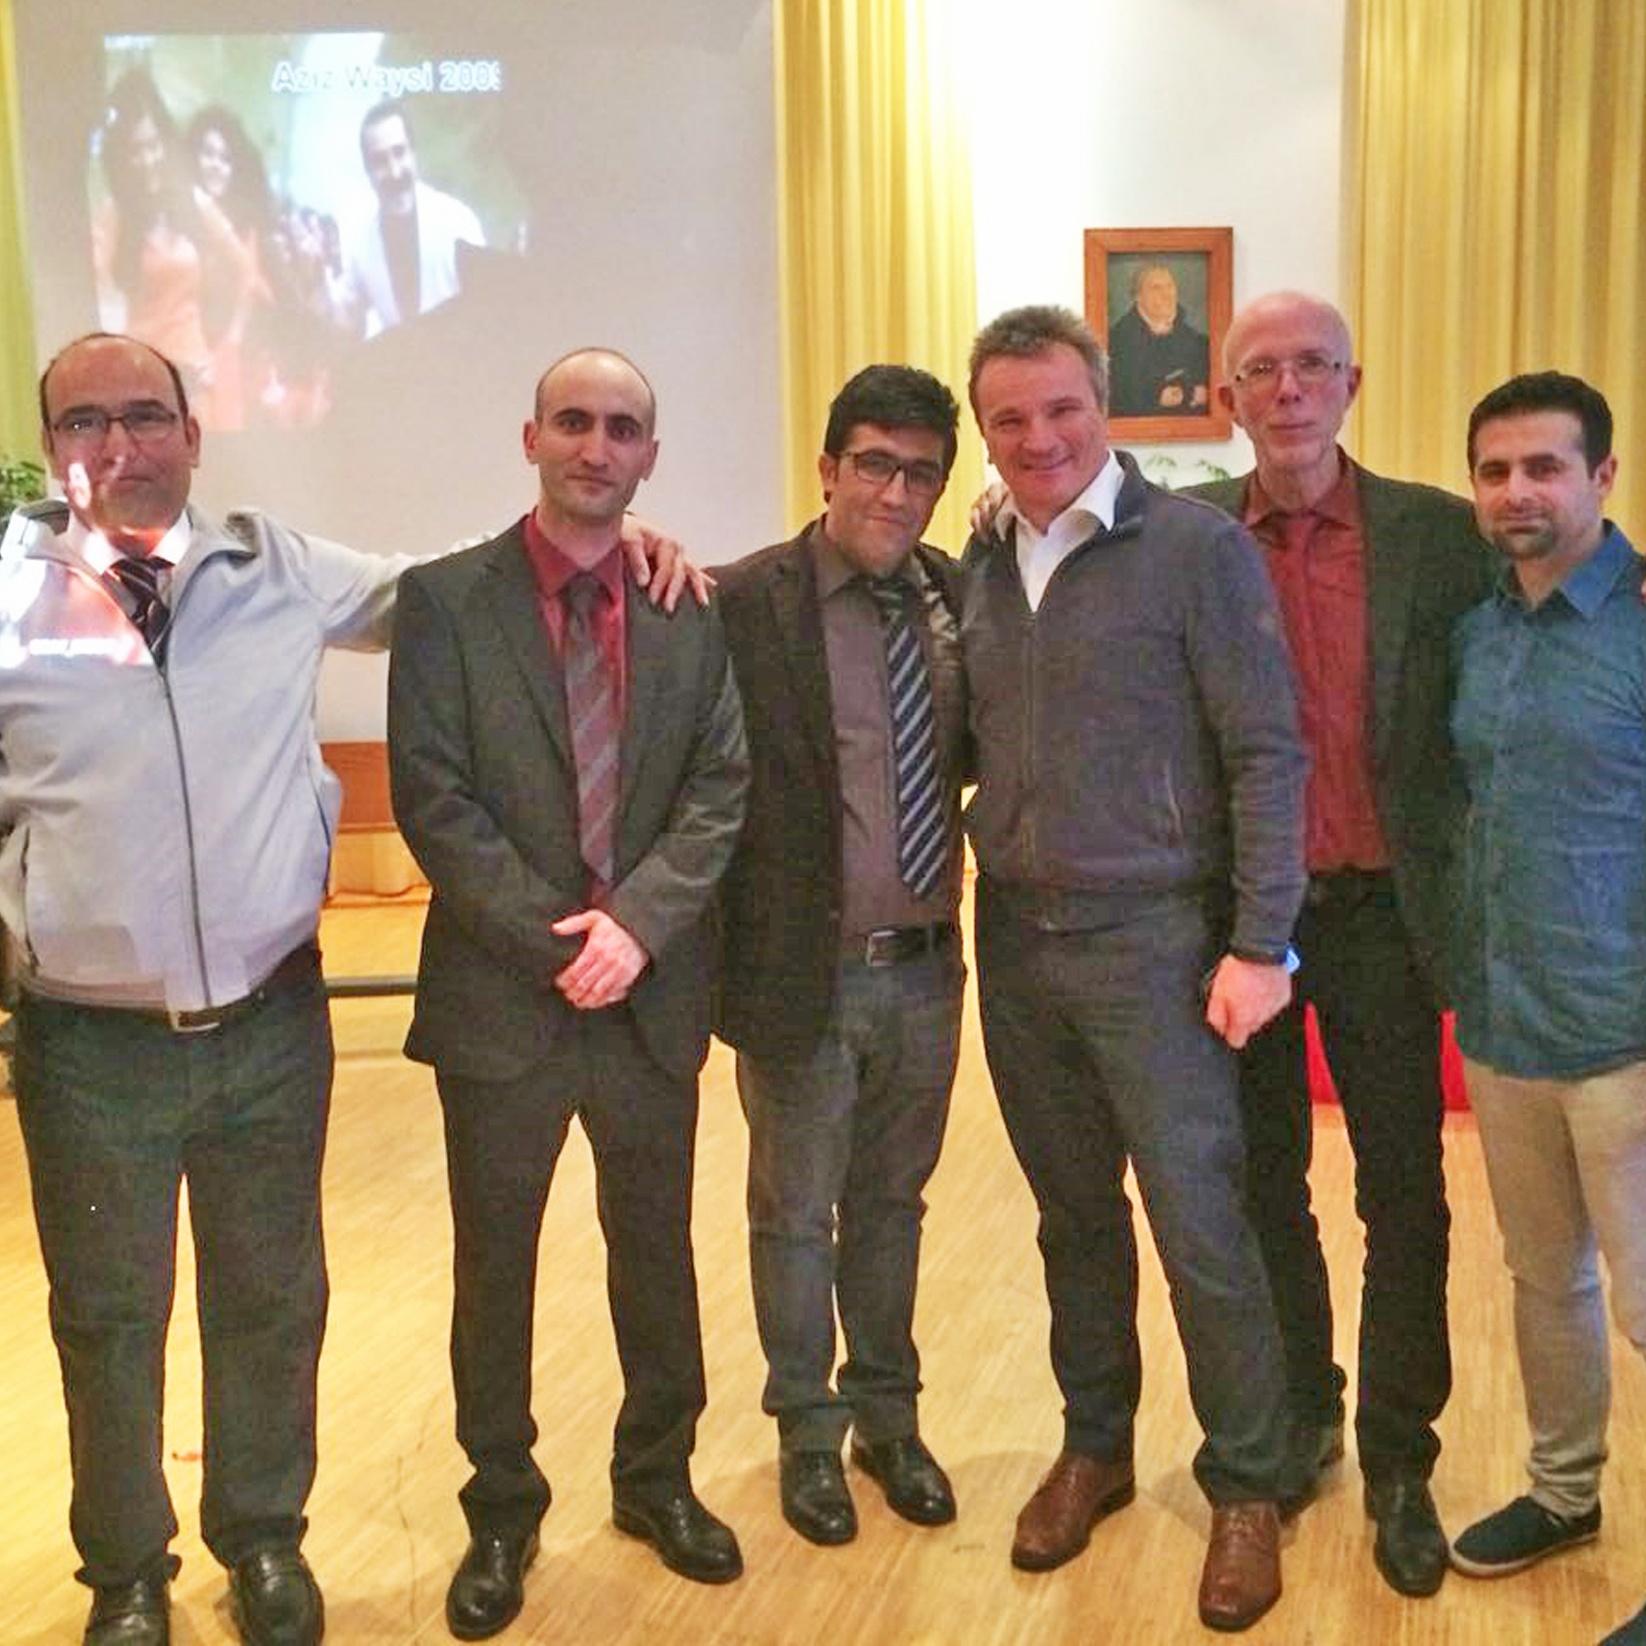 Freuen sich über das gelungene Fest: (v. l.) Alireza, Morteza, Arrasch, Rolf Hellmann (Steinheim International), Pfarrer Ulrich Beimdiek und Mohammed. FOTO: PRIVAT